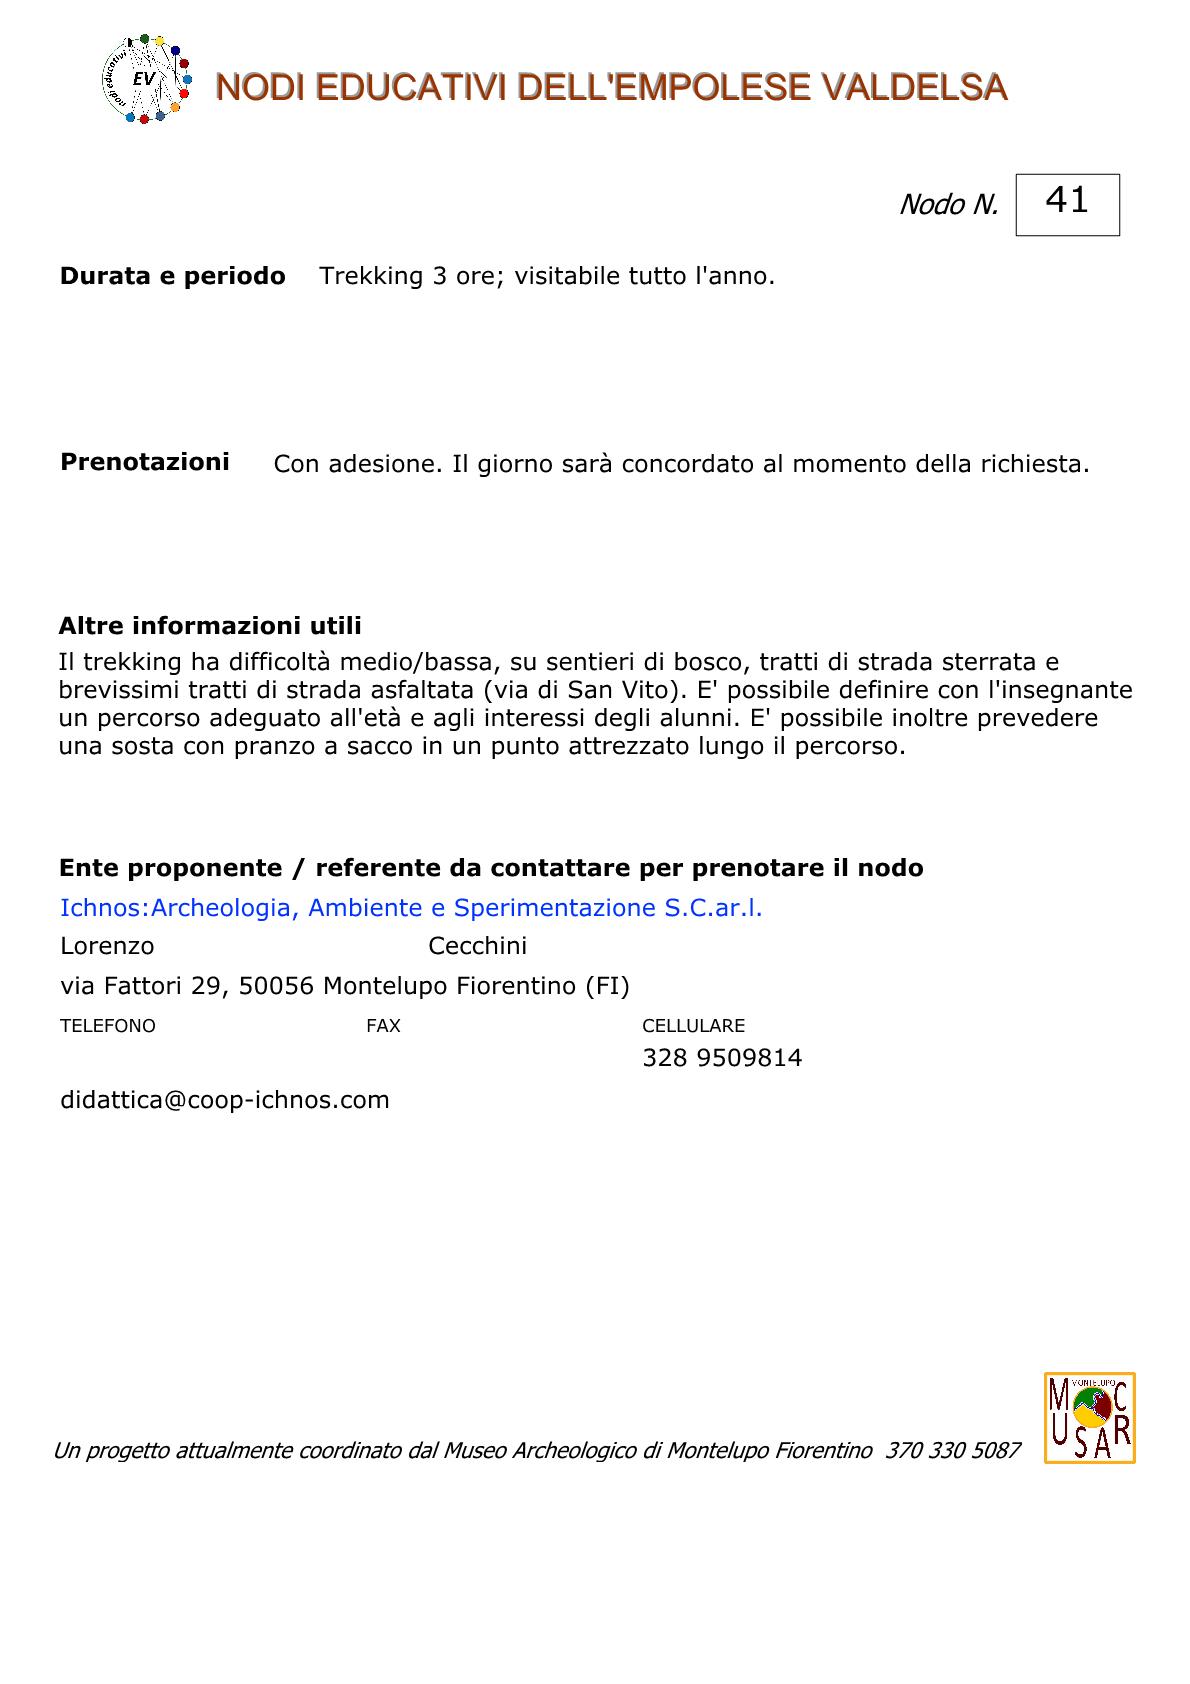 nodi-ev-161001-n-0413